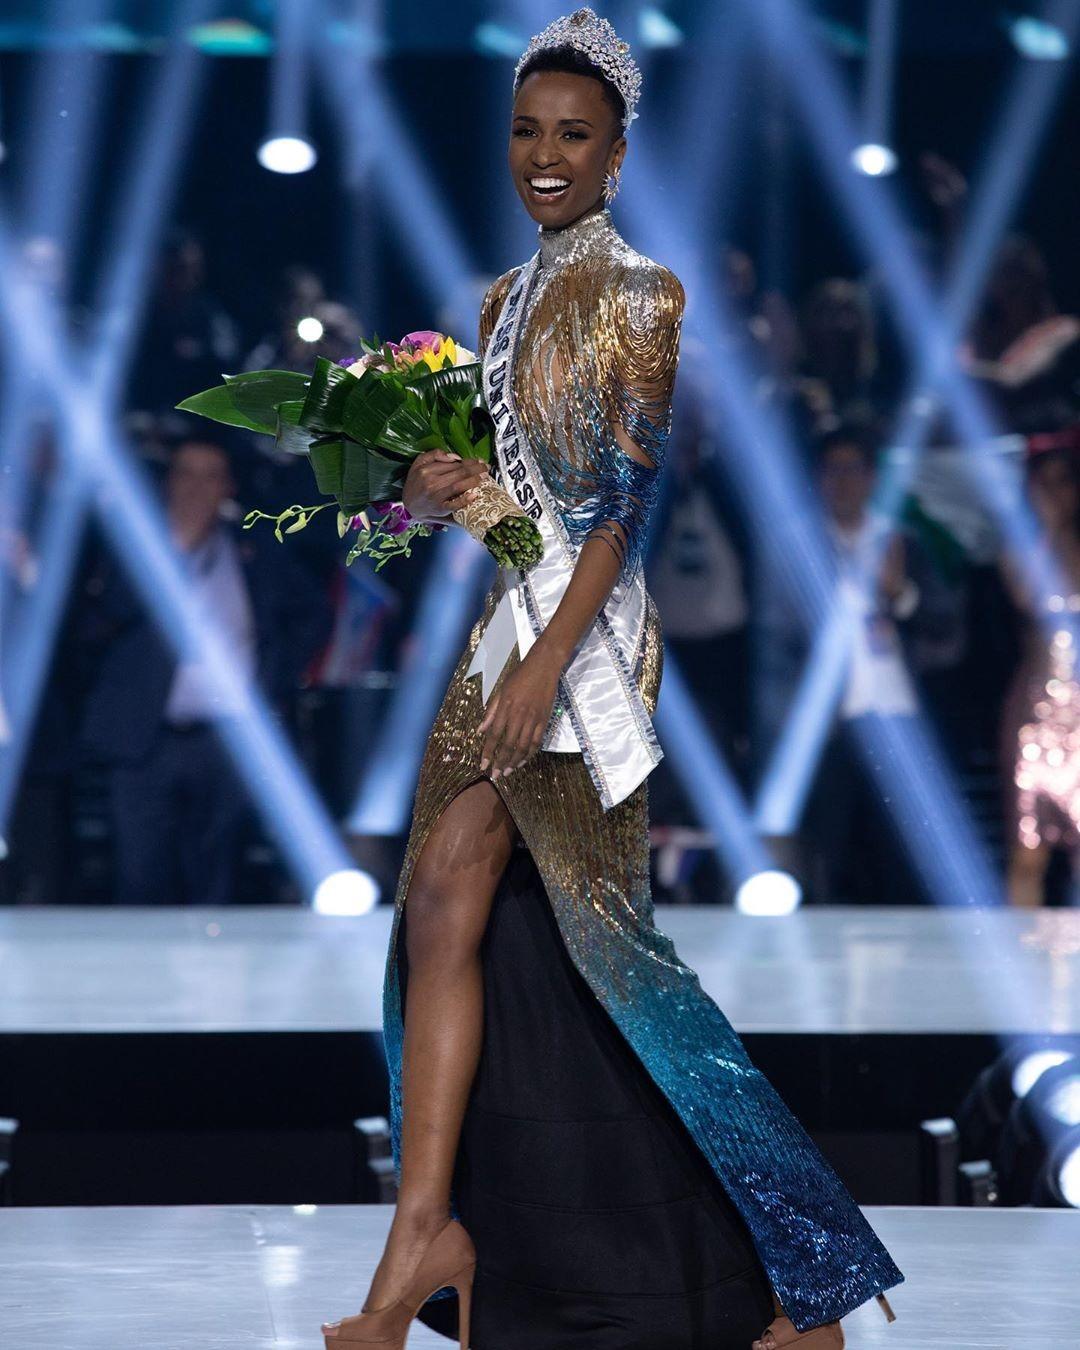 зозибини тунци победительница мисс вселенная 2019